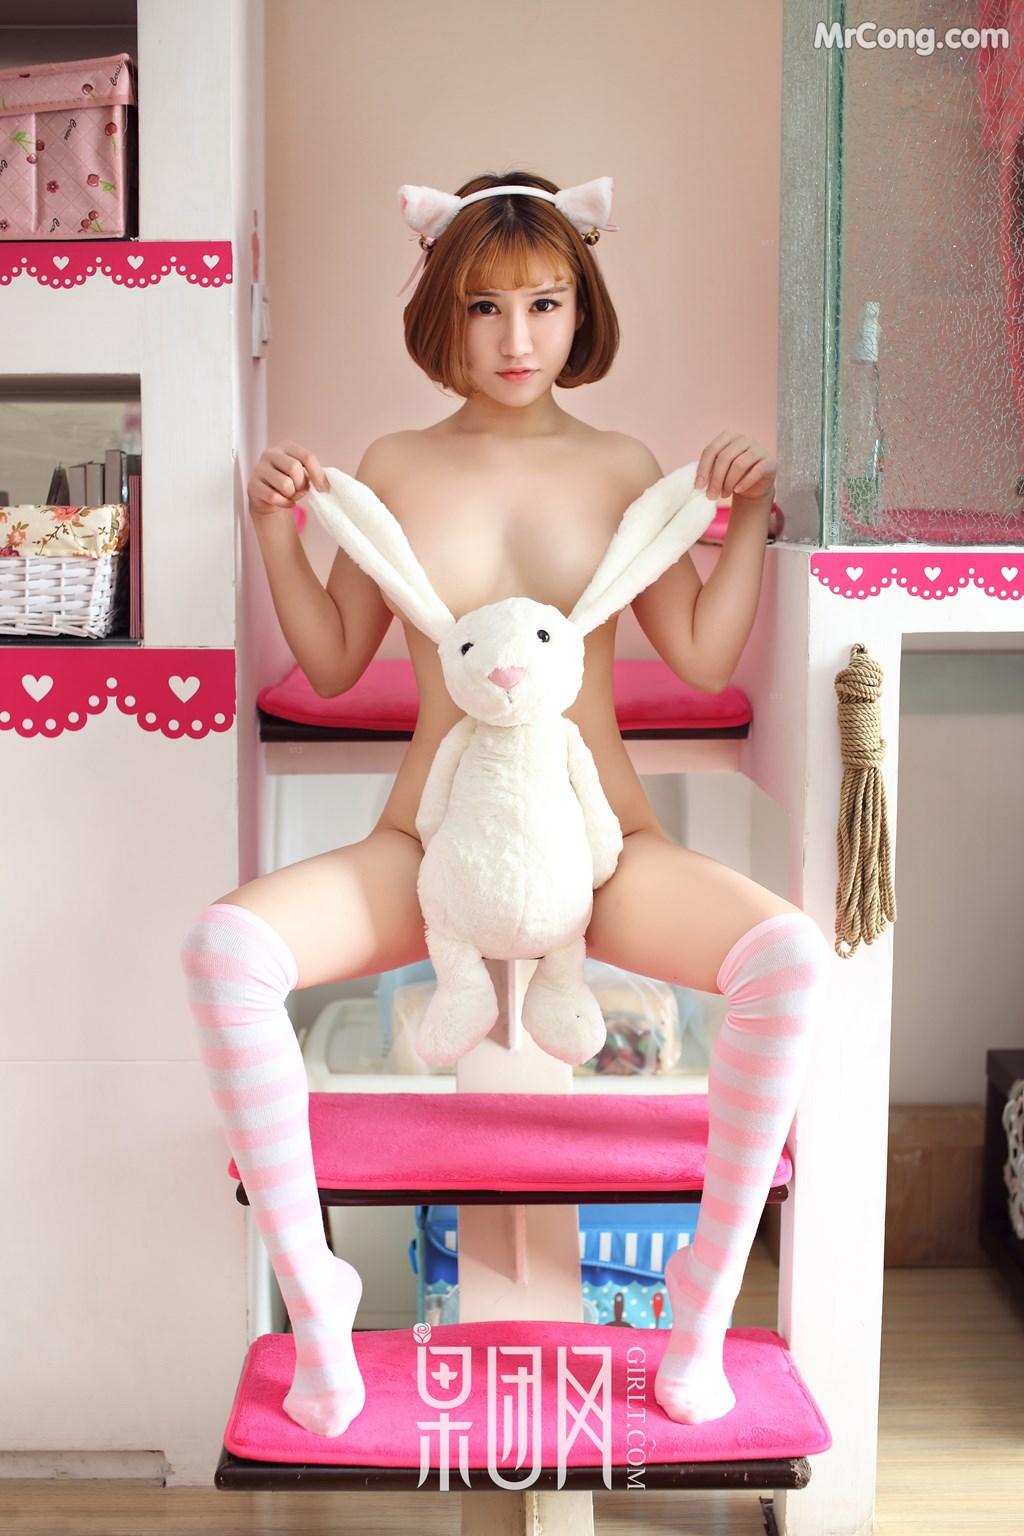 Image GIRLT-No.042-Aojiao-Meng-Meng-K8Vivian-MrCong.com-001 in post GIRLT No.042: Người mẫu Aojiao Meng Meng (K8傲娇萌萌Vivian) (54 ảnh)